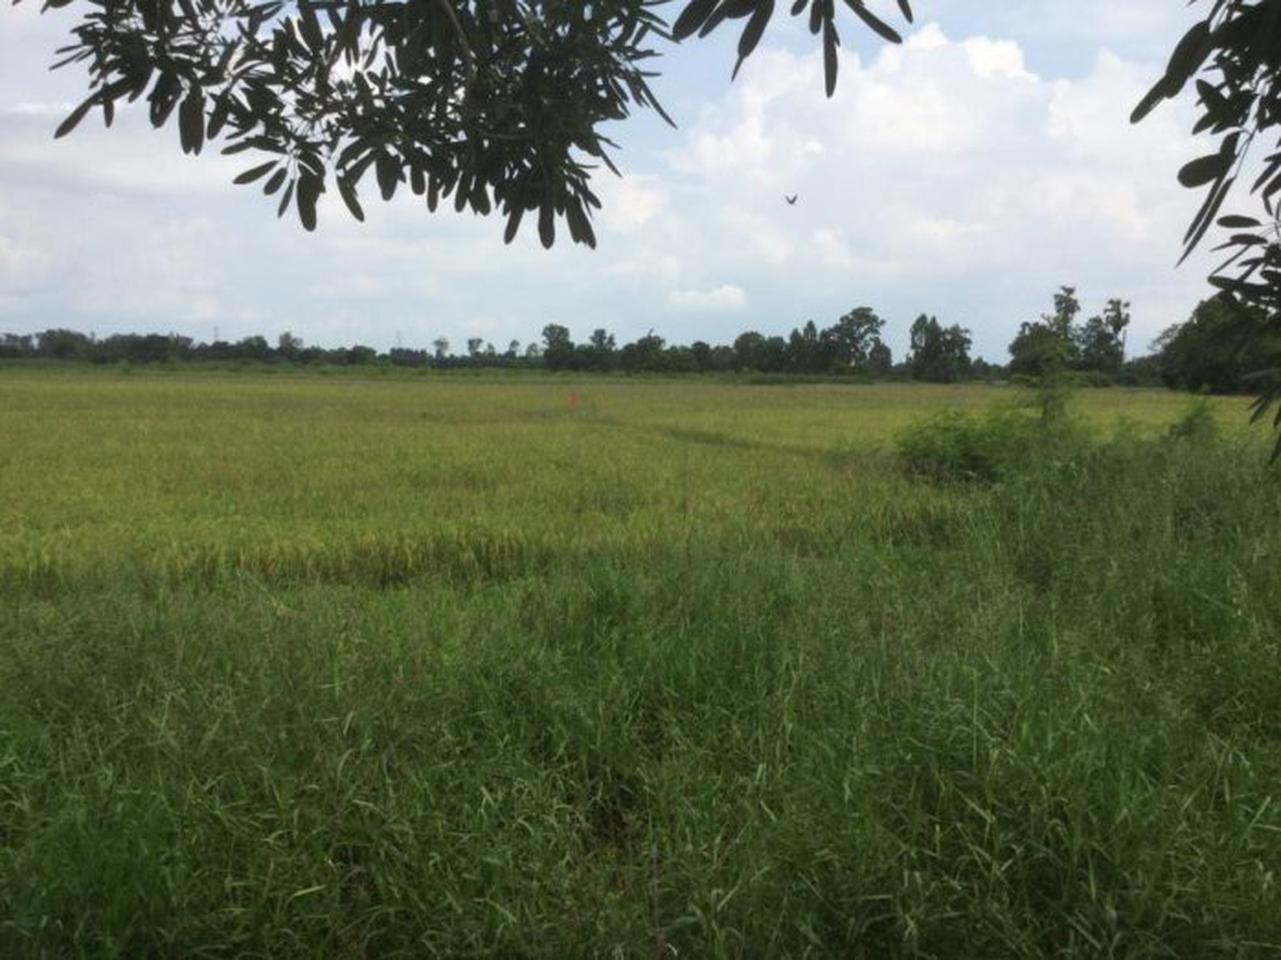 ขายที่ดิน อำเภอพนัสนิคม จังหวัดชลบุรี ติดถนนเมืองเก่า รูปที่ 5